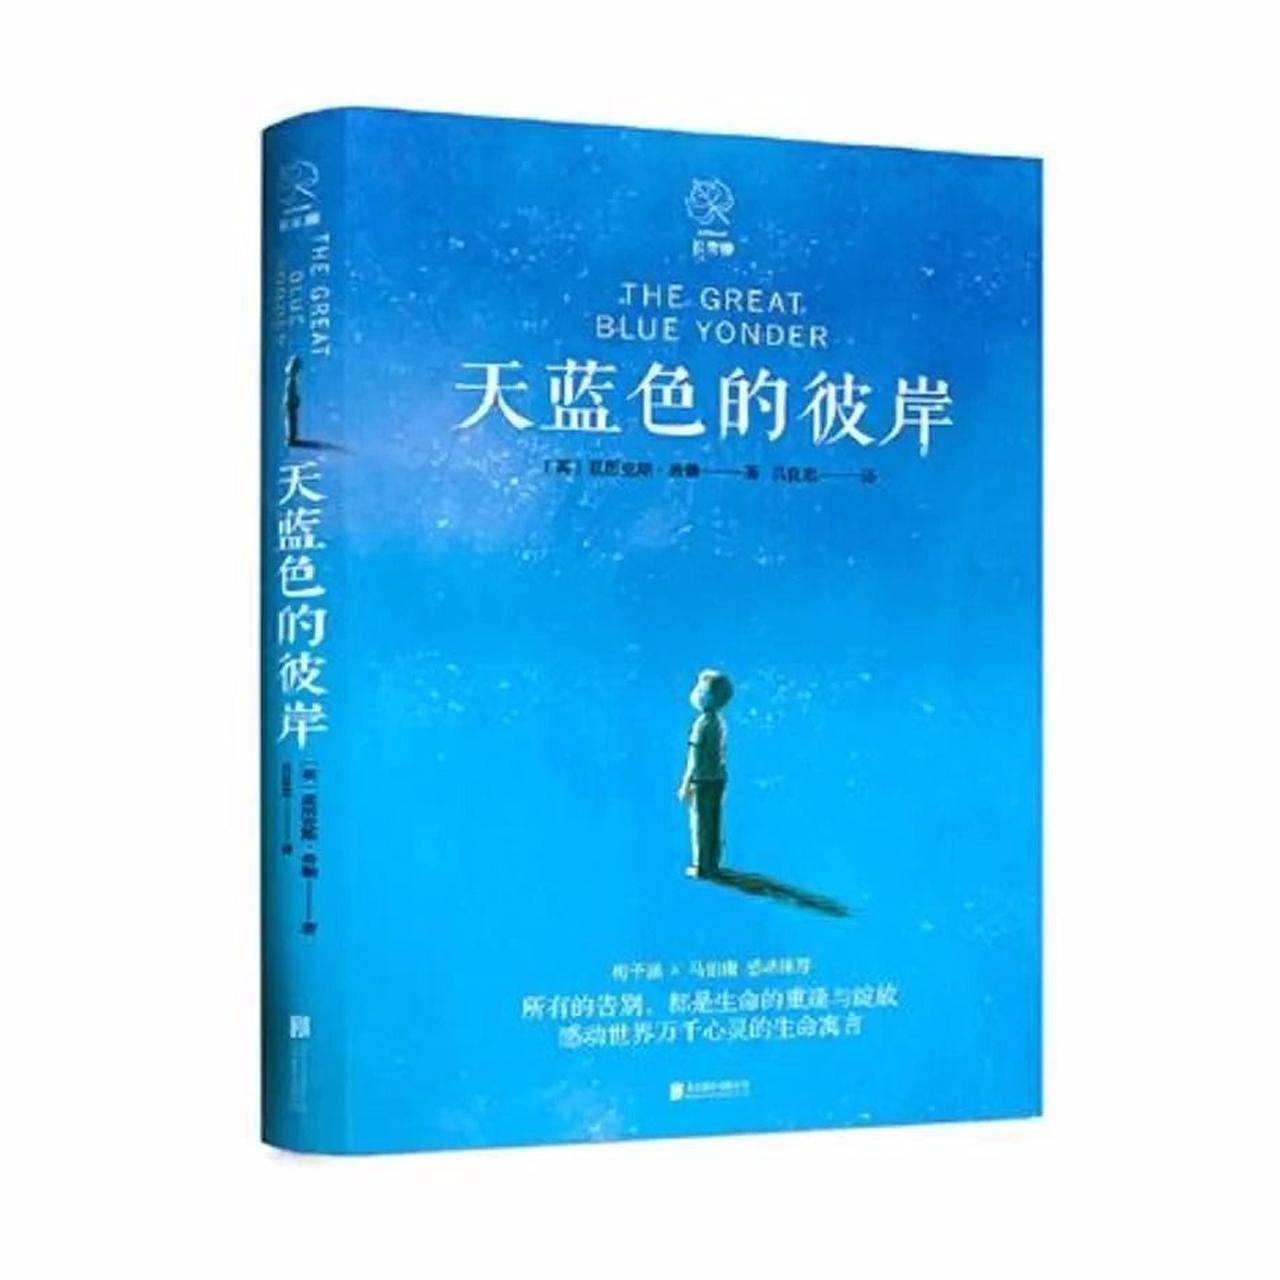 天蓝色的彼岸【儿童小说/青少年读物/翻译文学】